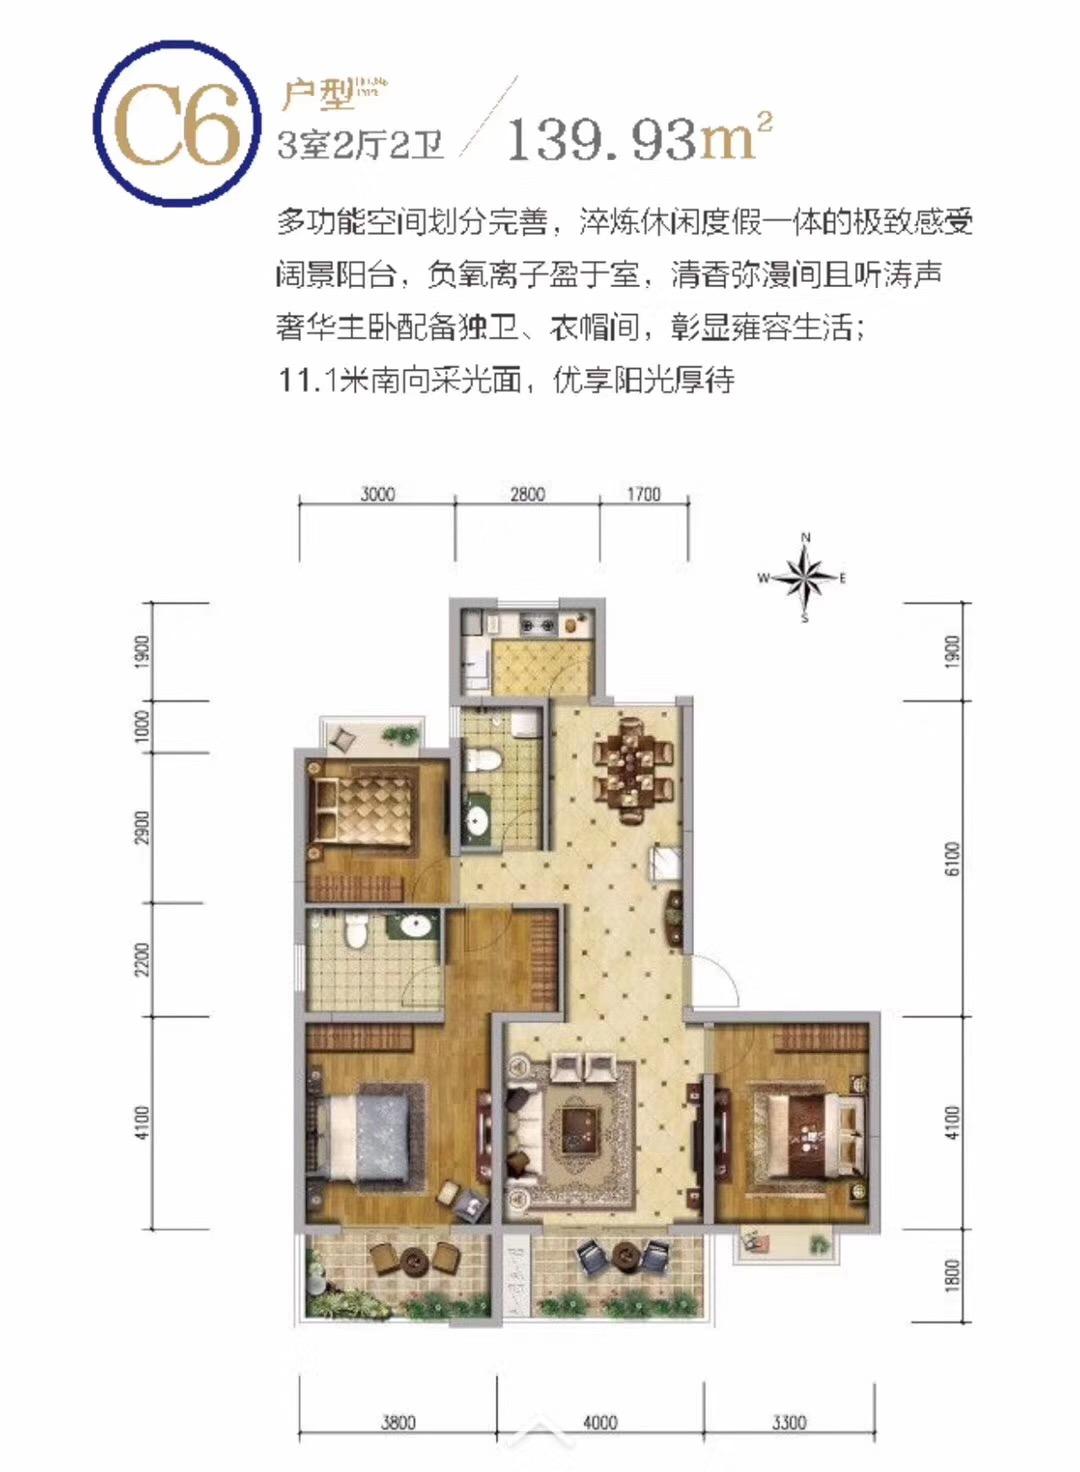 C6户型 3房2厅2卫 建面139.93㎡